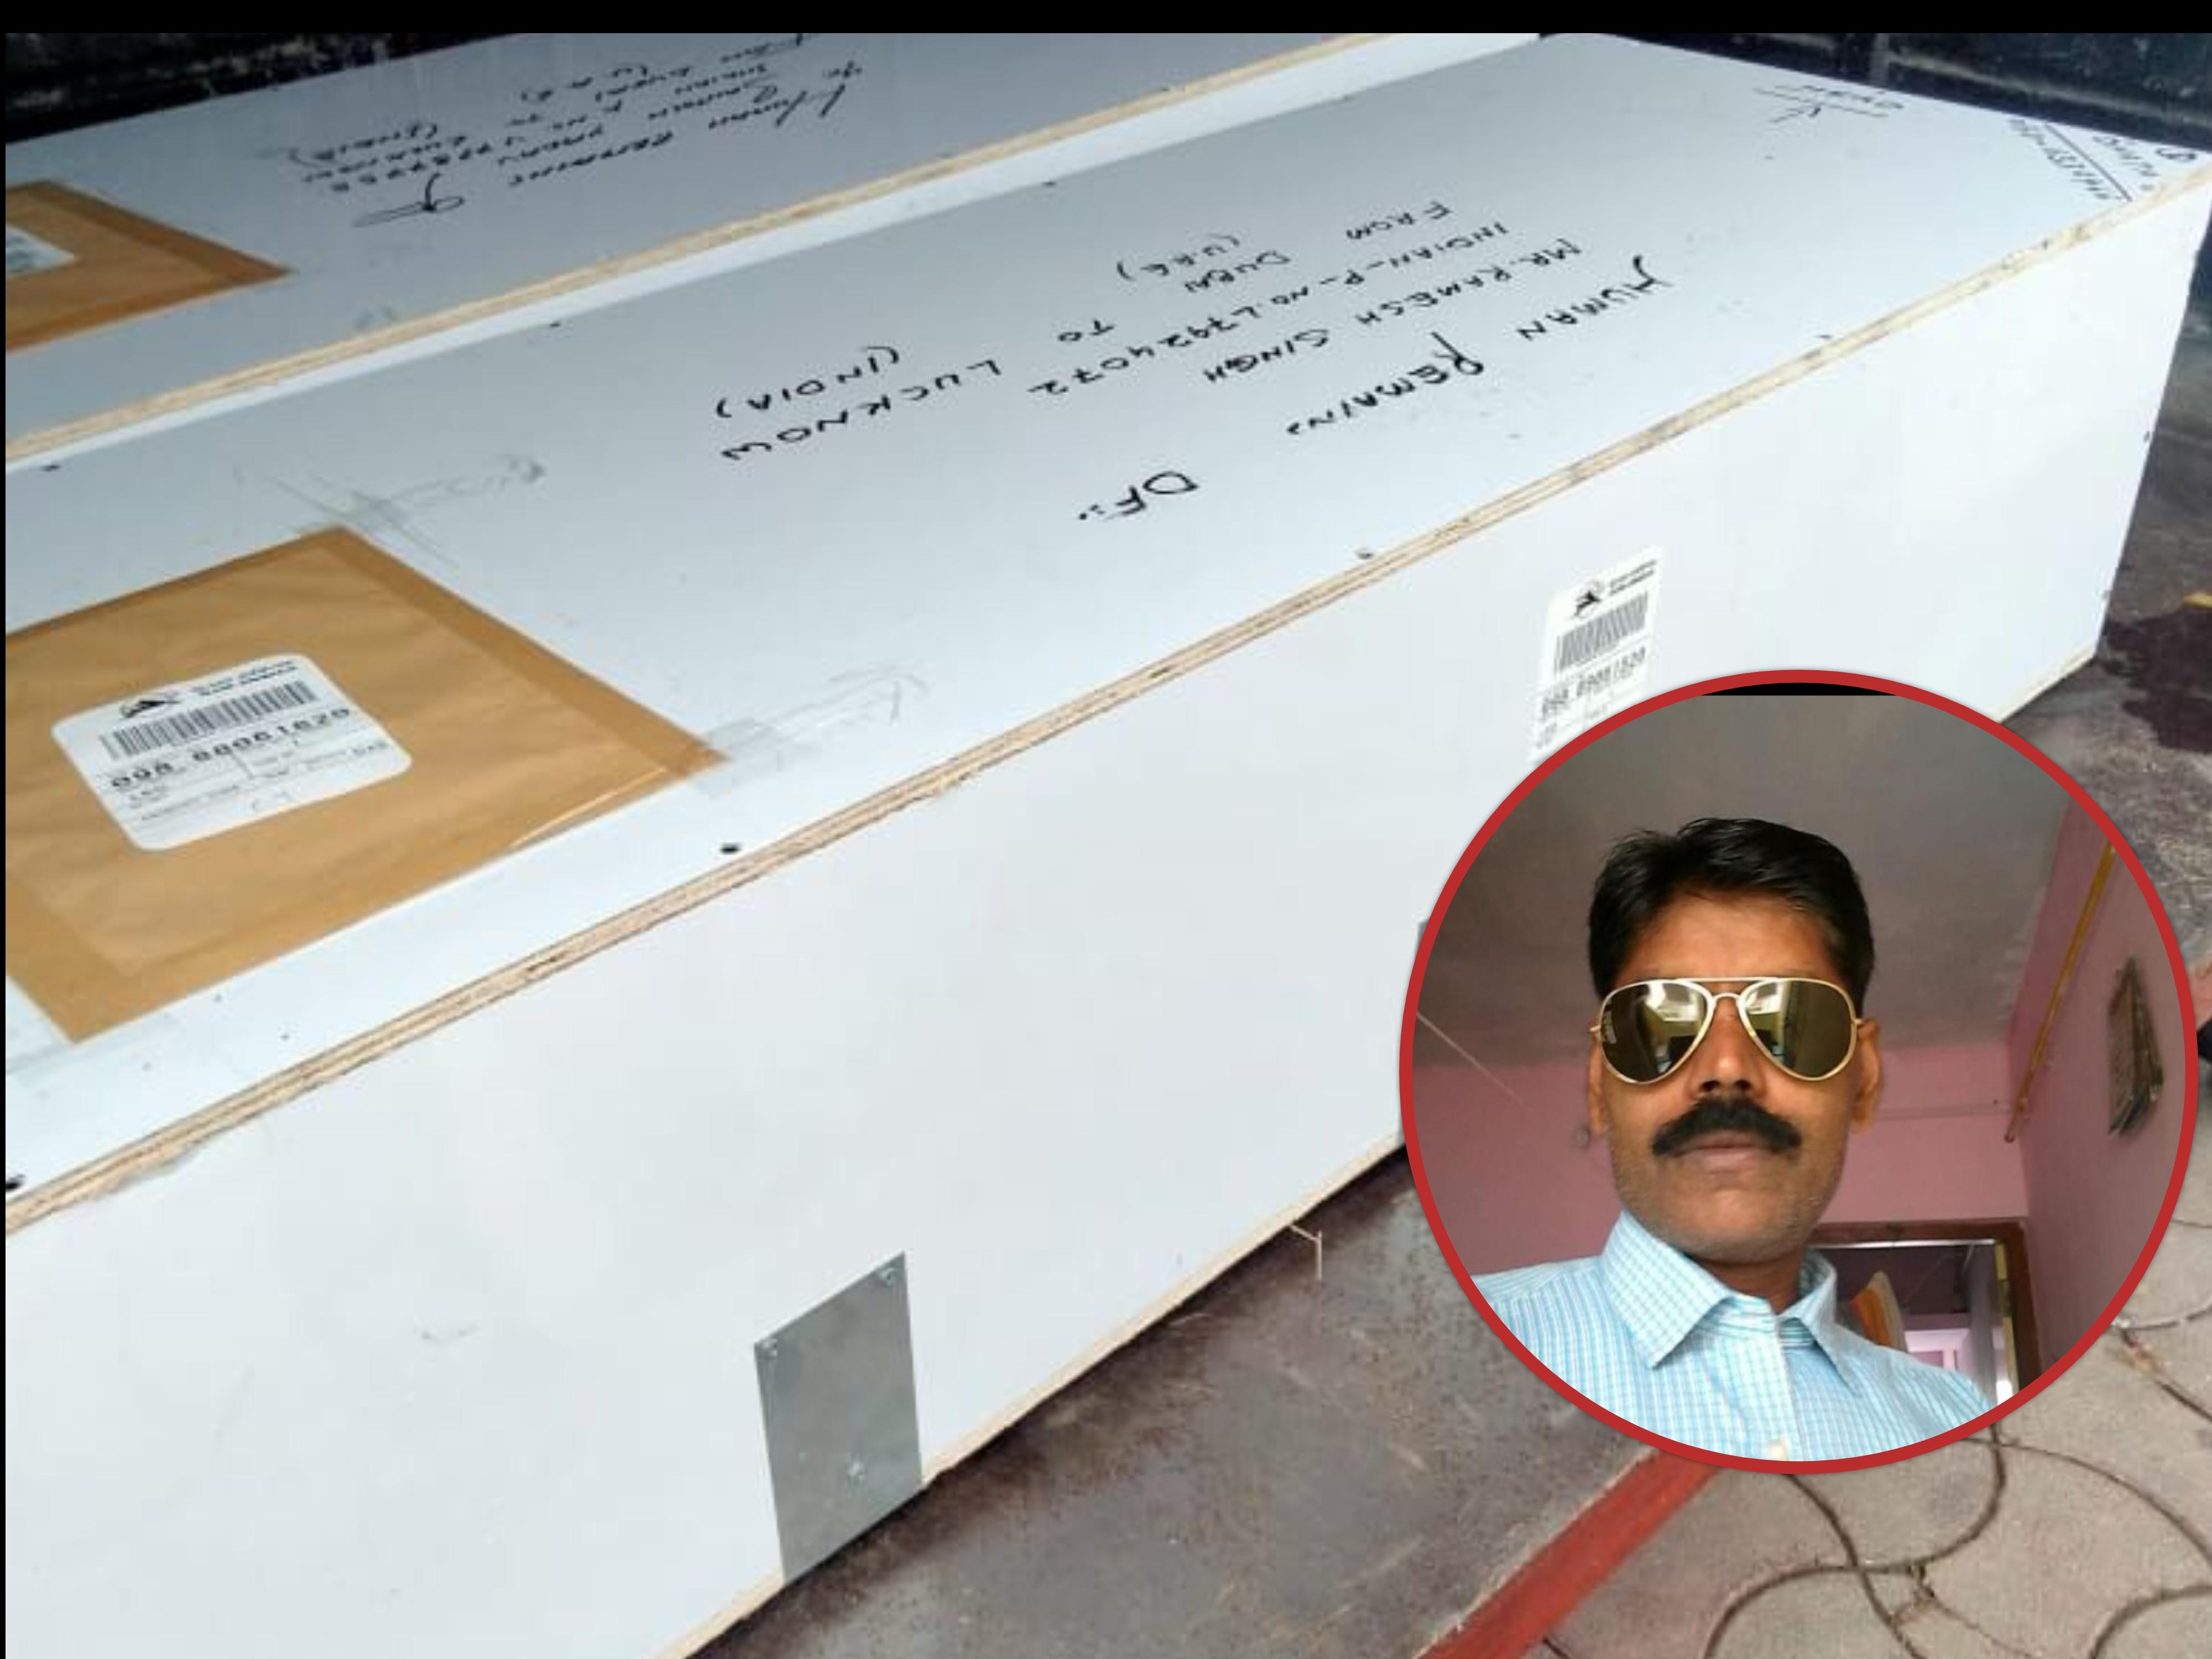 बाथरूम में पैर फिसलने से 13 मई को हुई थी मौत, शव भेजने में कंपनी ने नहीं किया सहयोग; विदेश मंत्रालय के हस्तक्षेप के बाद लखनऊ एयरपोर्ट पहुंचा शव|वाराणसी,Varanasi - Dainik Bhaskar